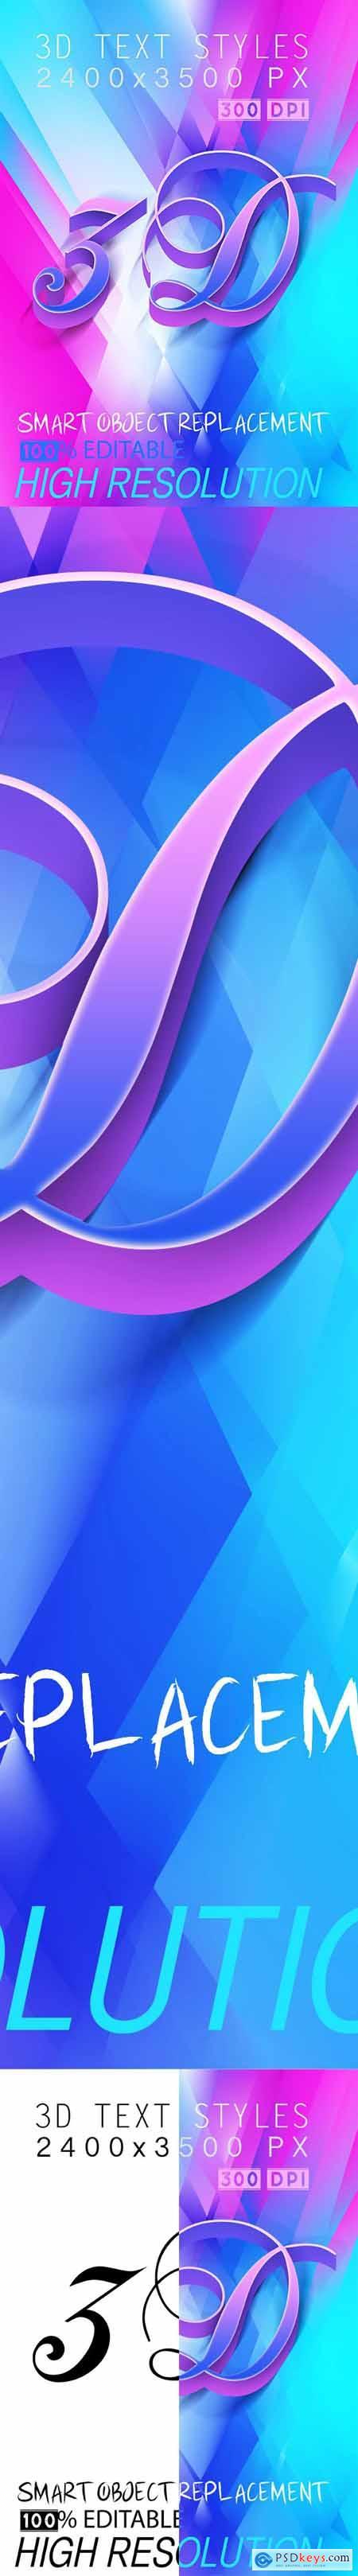 3D Text Styles 02_09_20 28416880